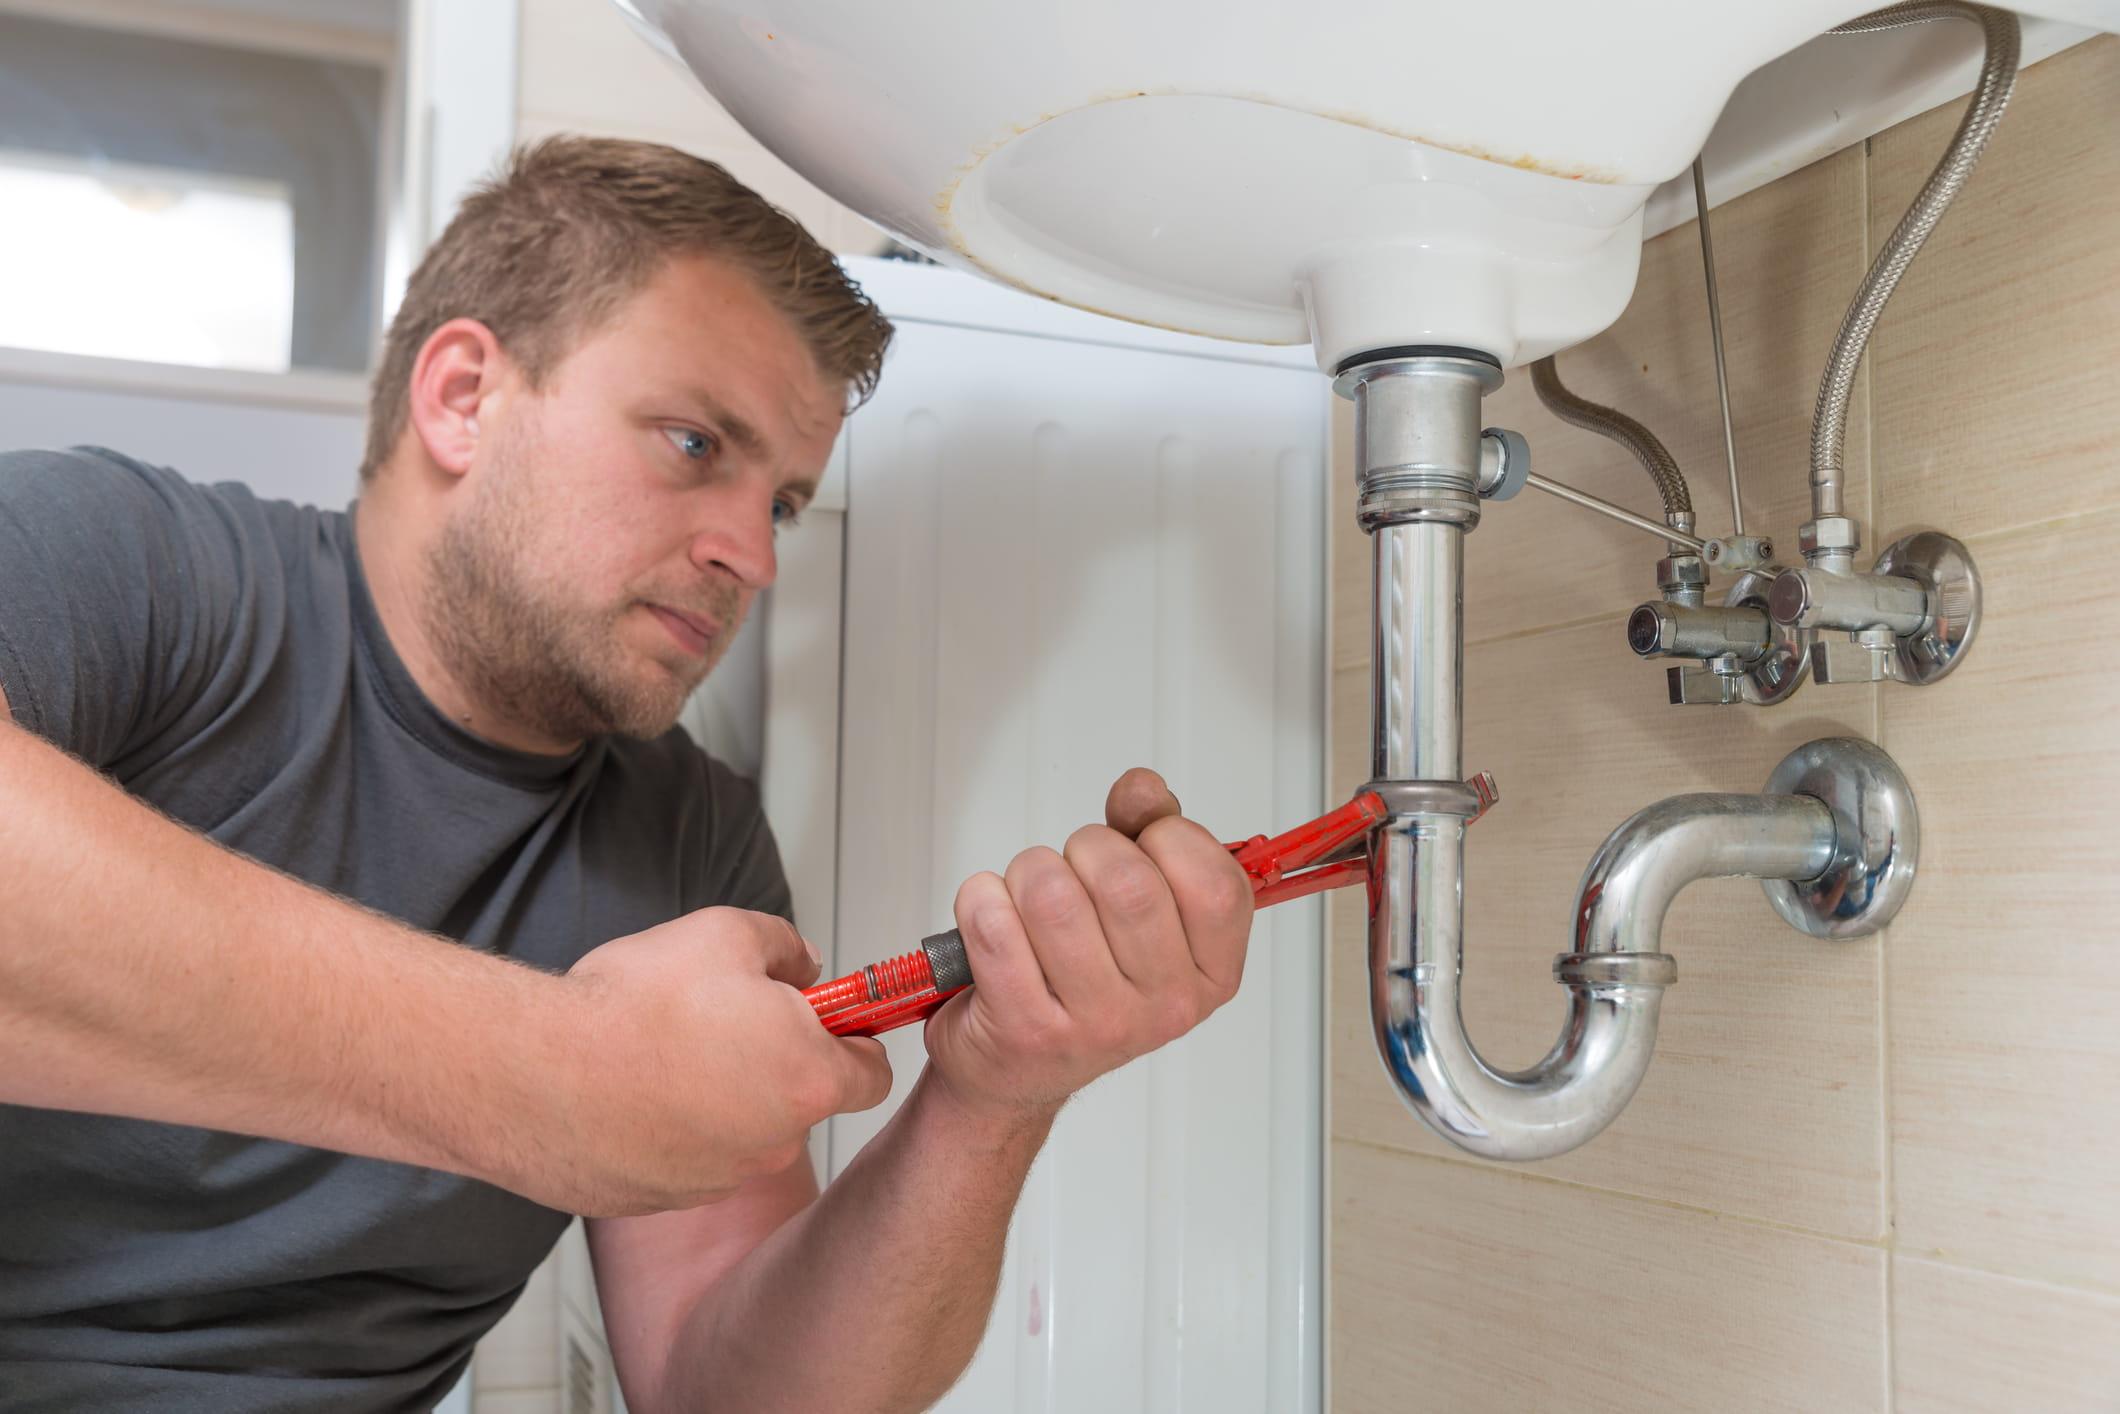 Photo of plumber repairing drain.